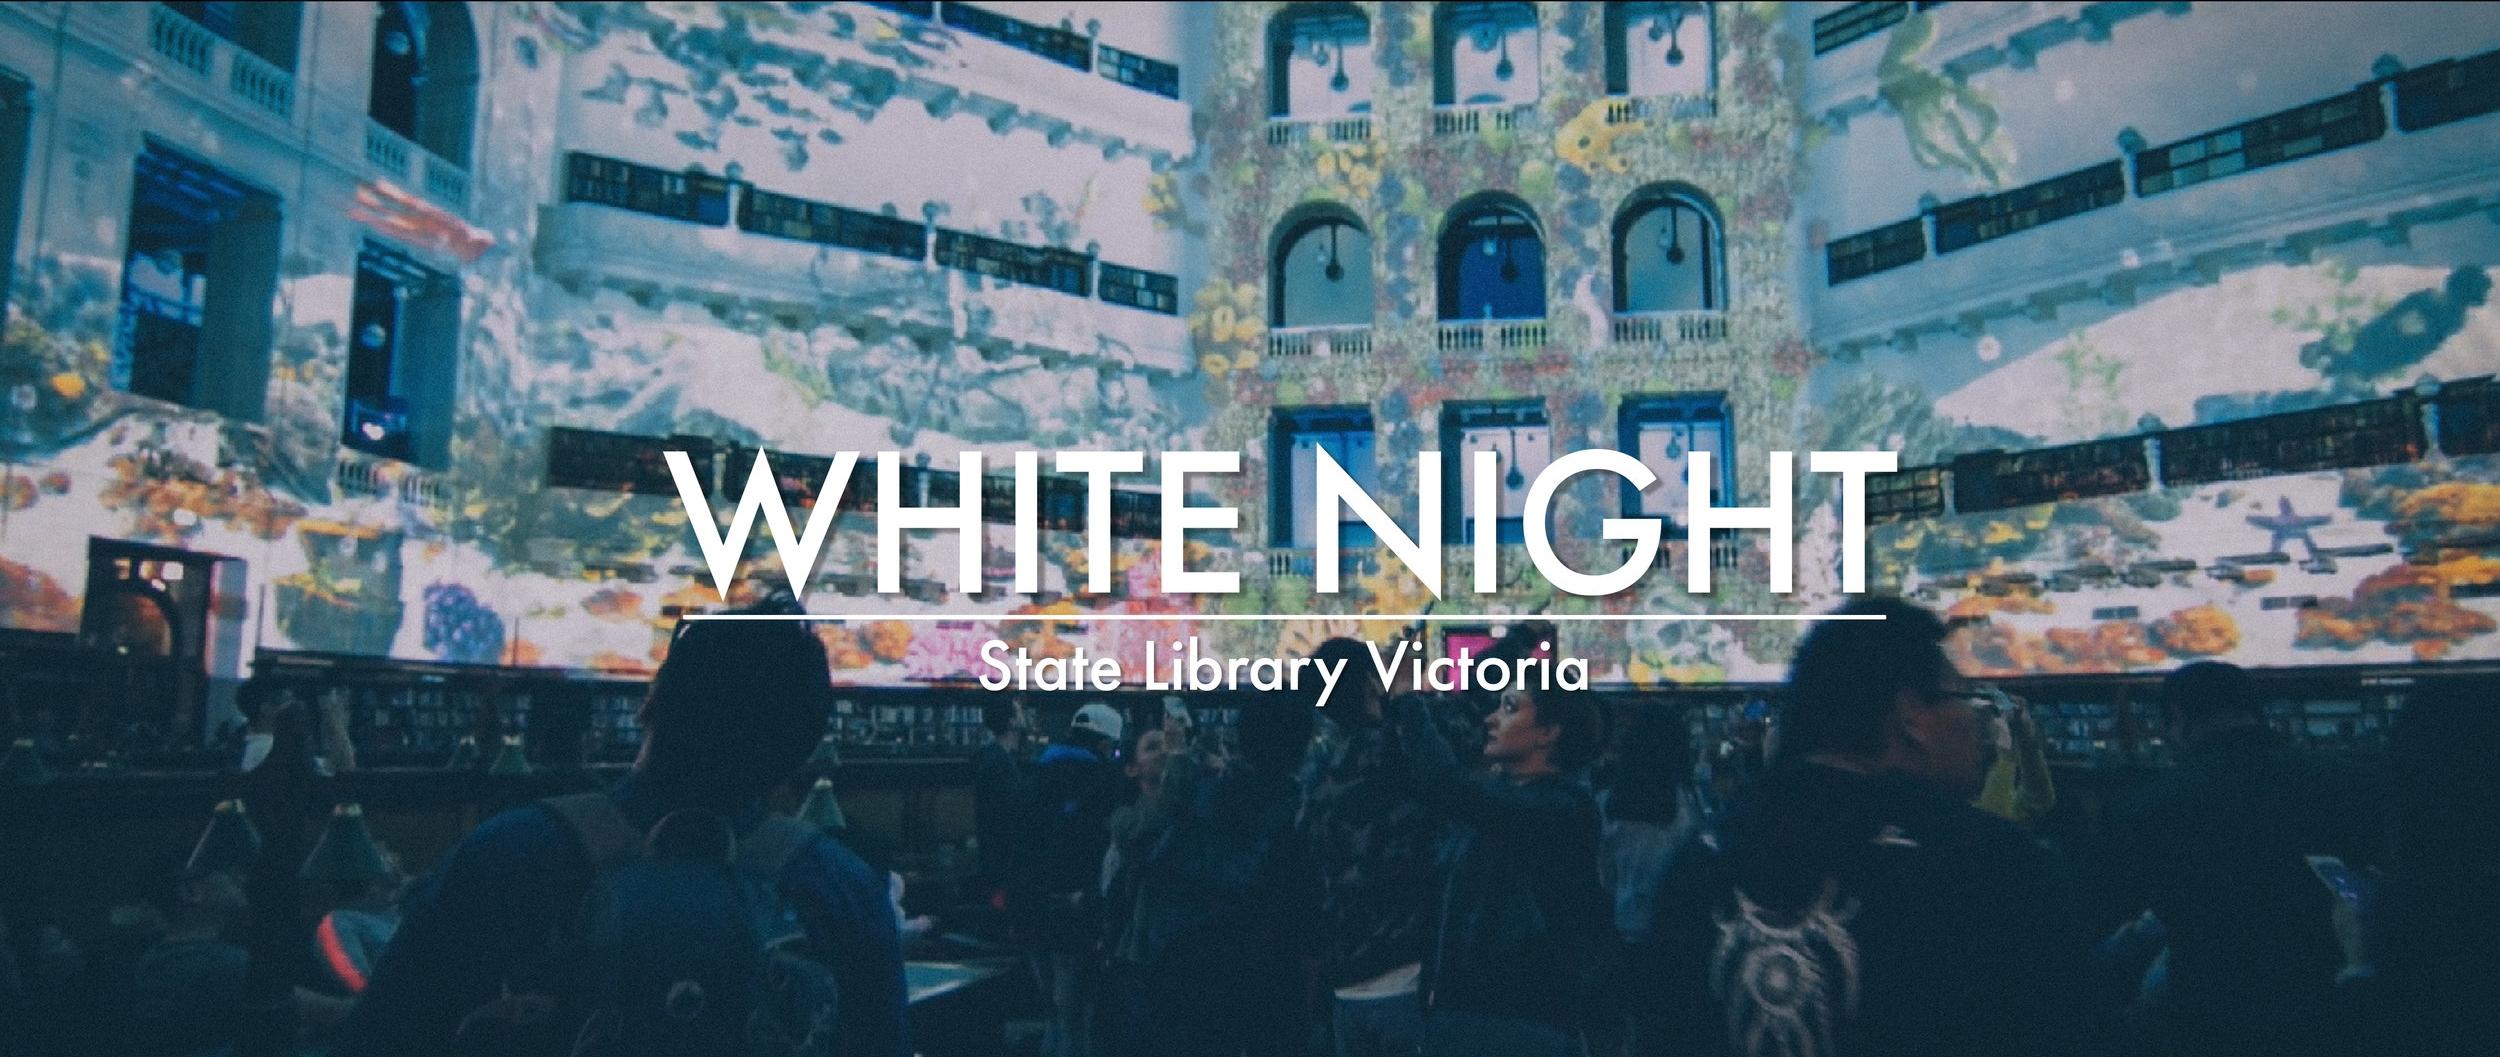 slv-whitenight.jpg